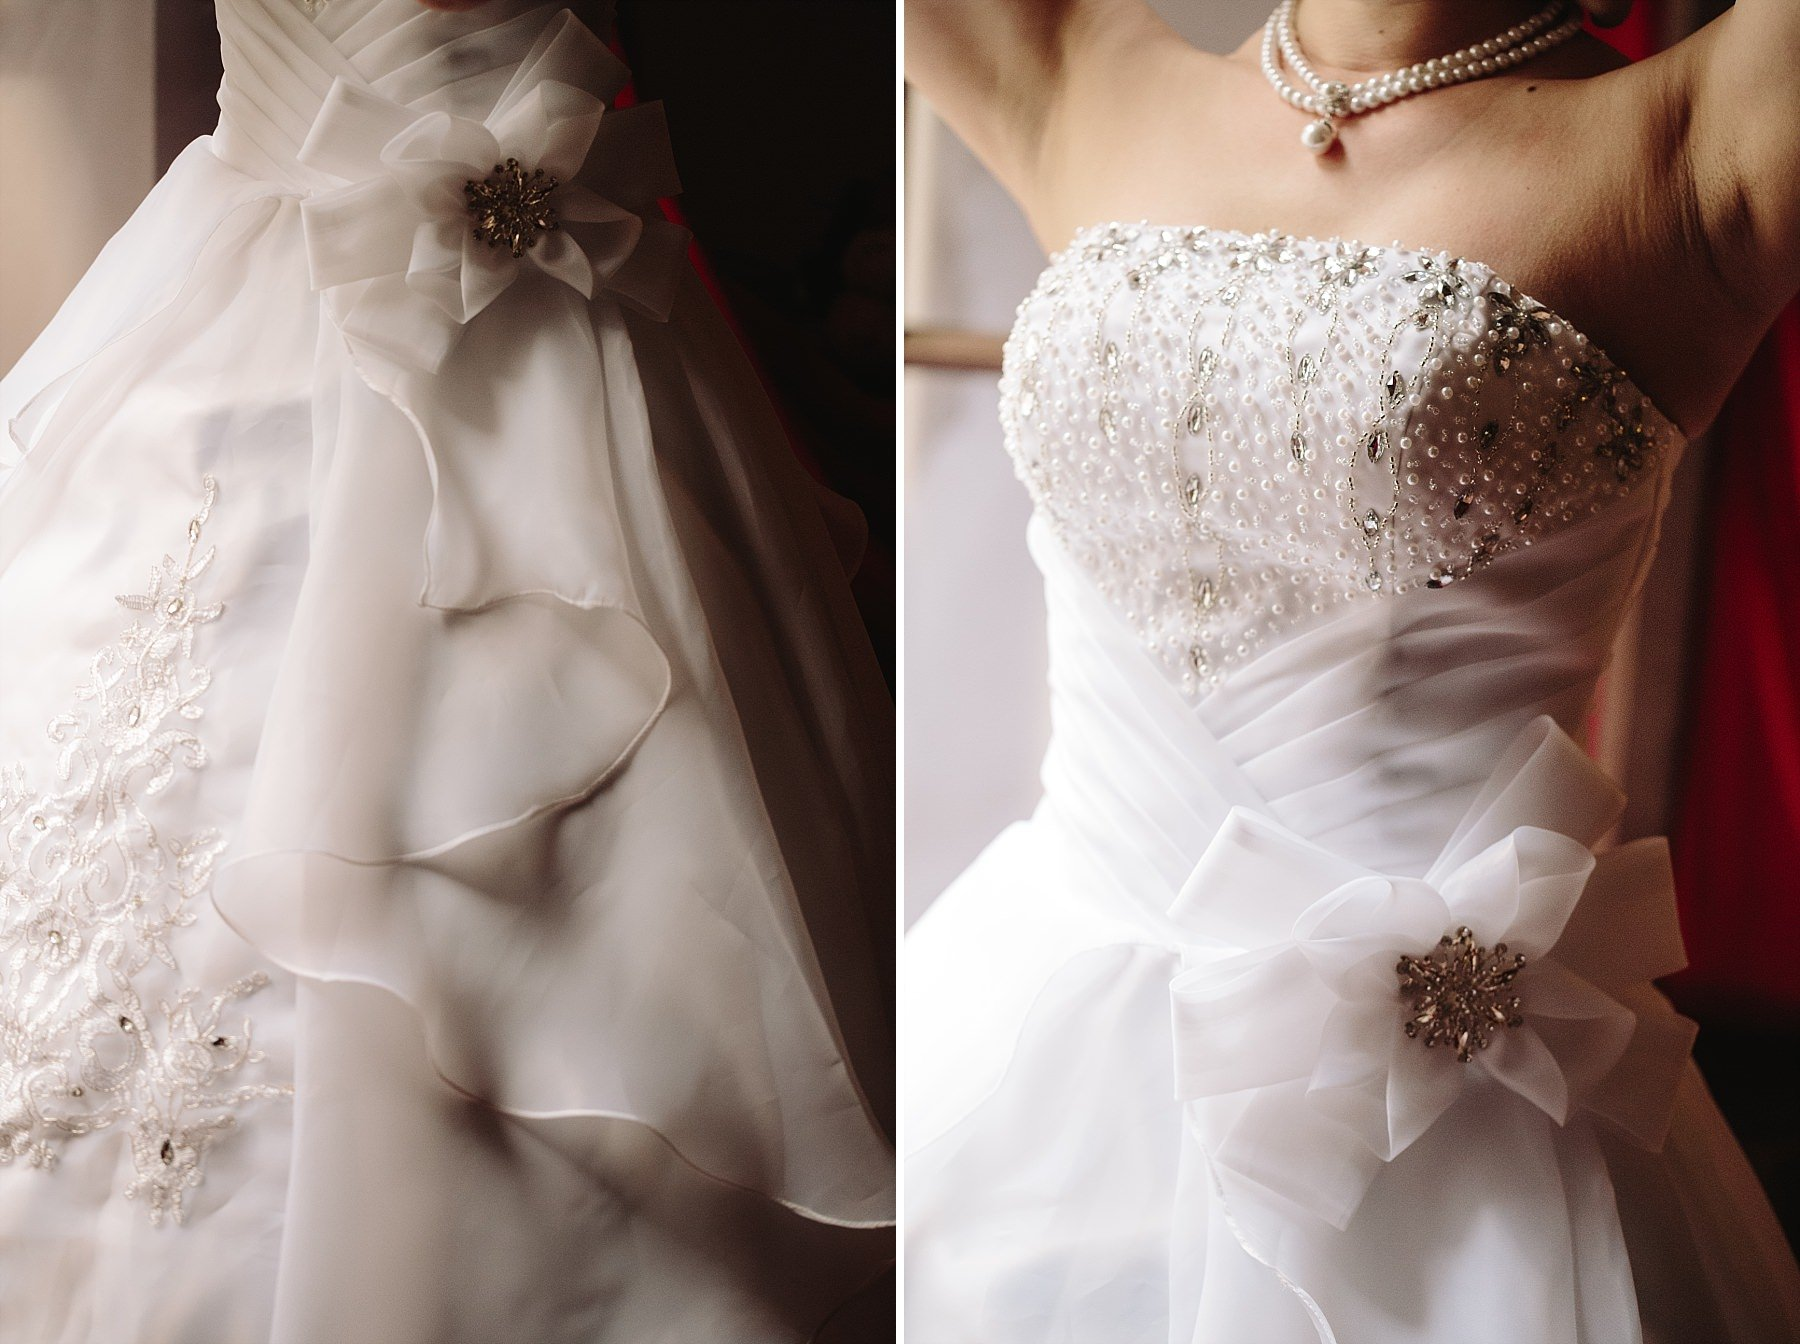 Dettagli del vestito da sposa indossato